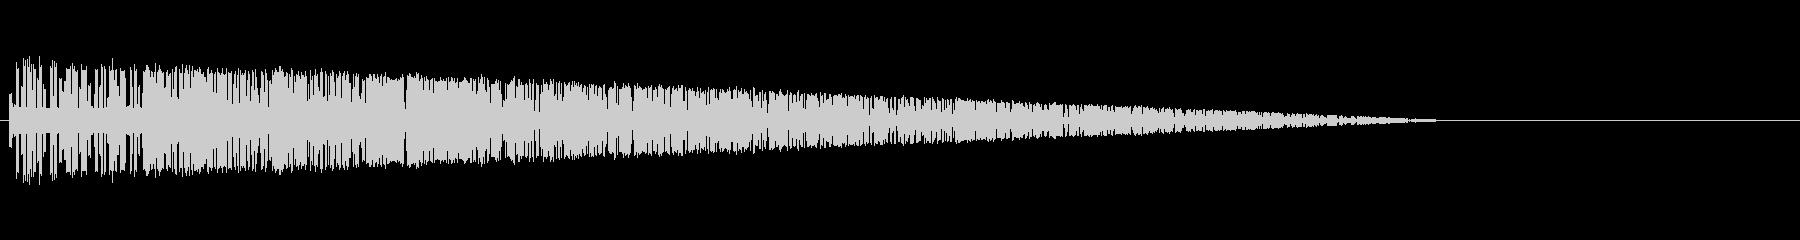 レトロゲーム風爆発音7の未再生の波形